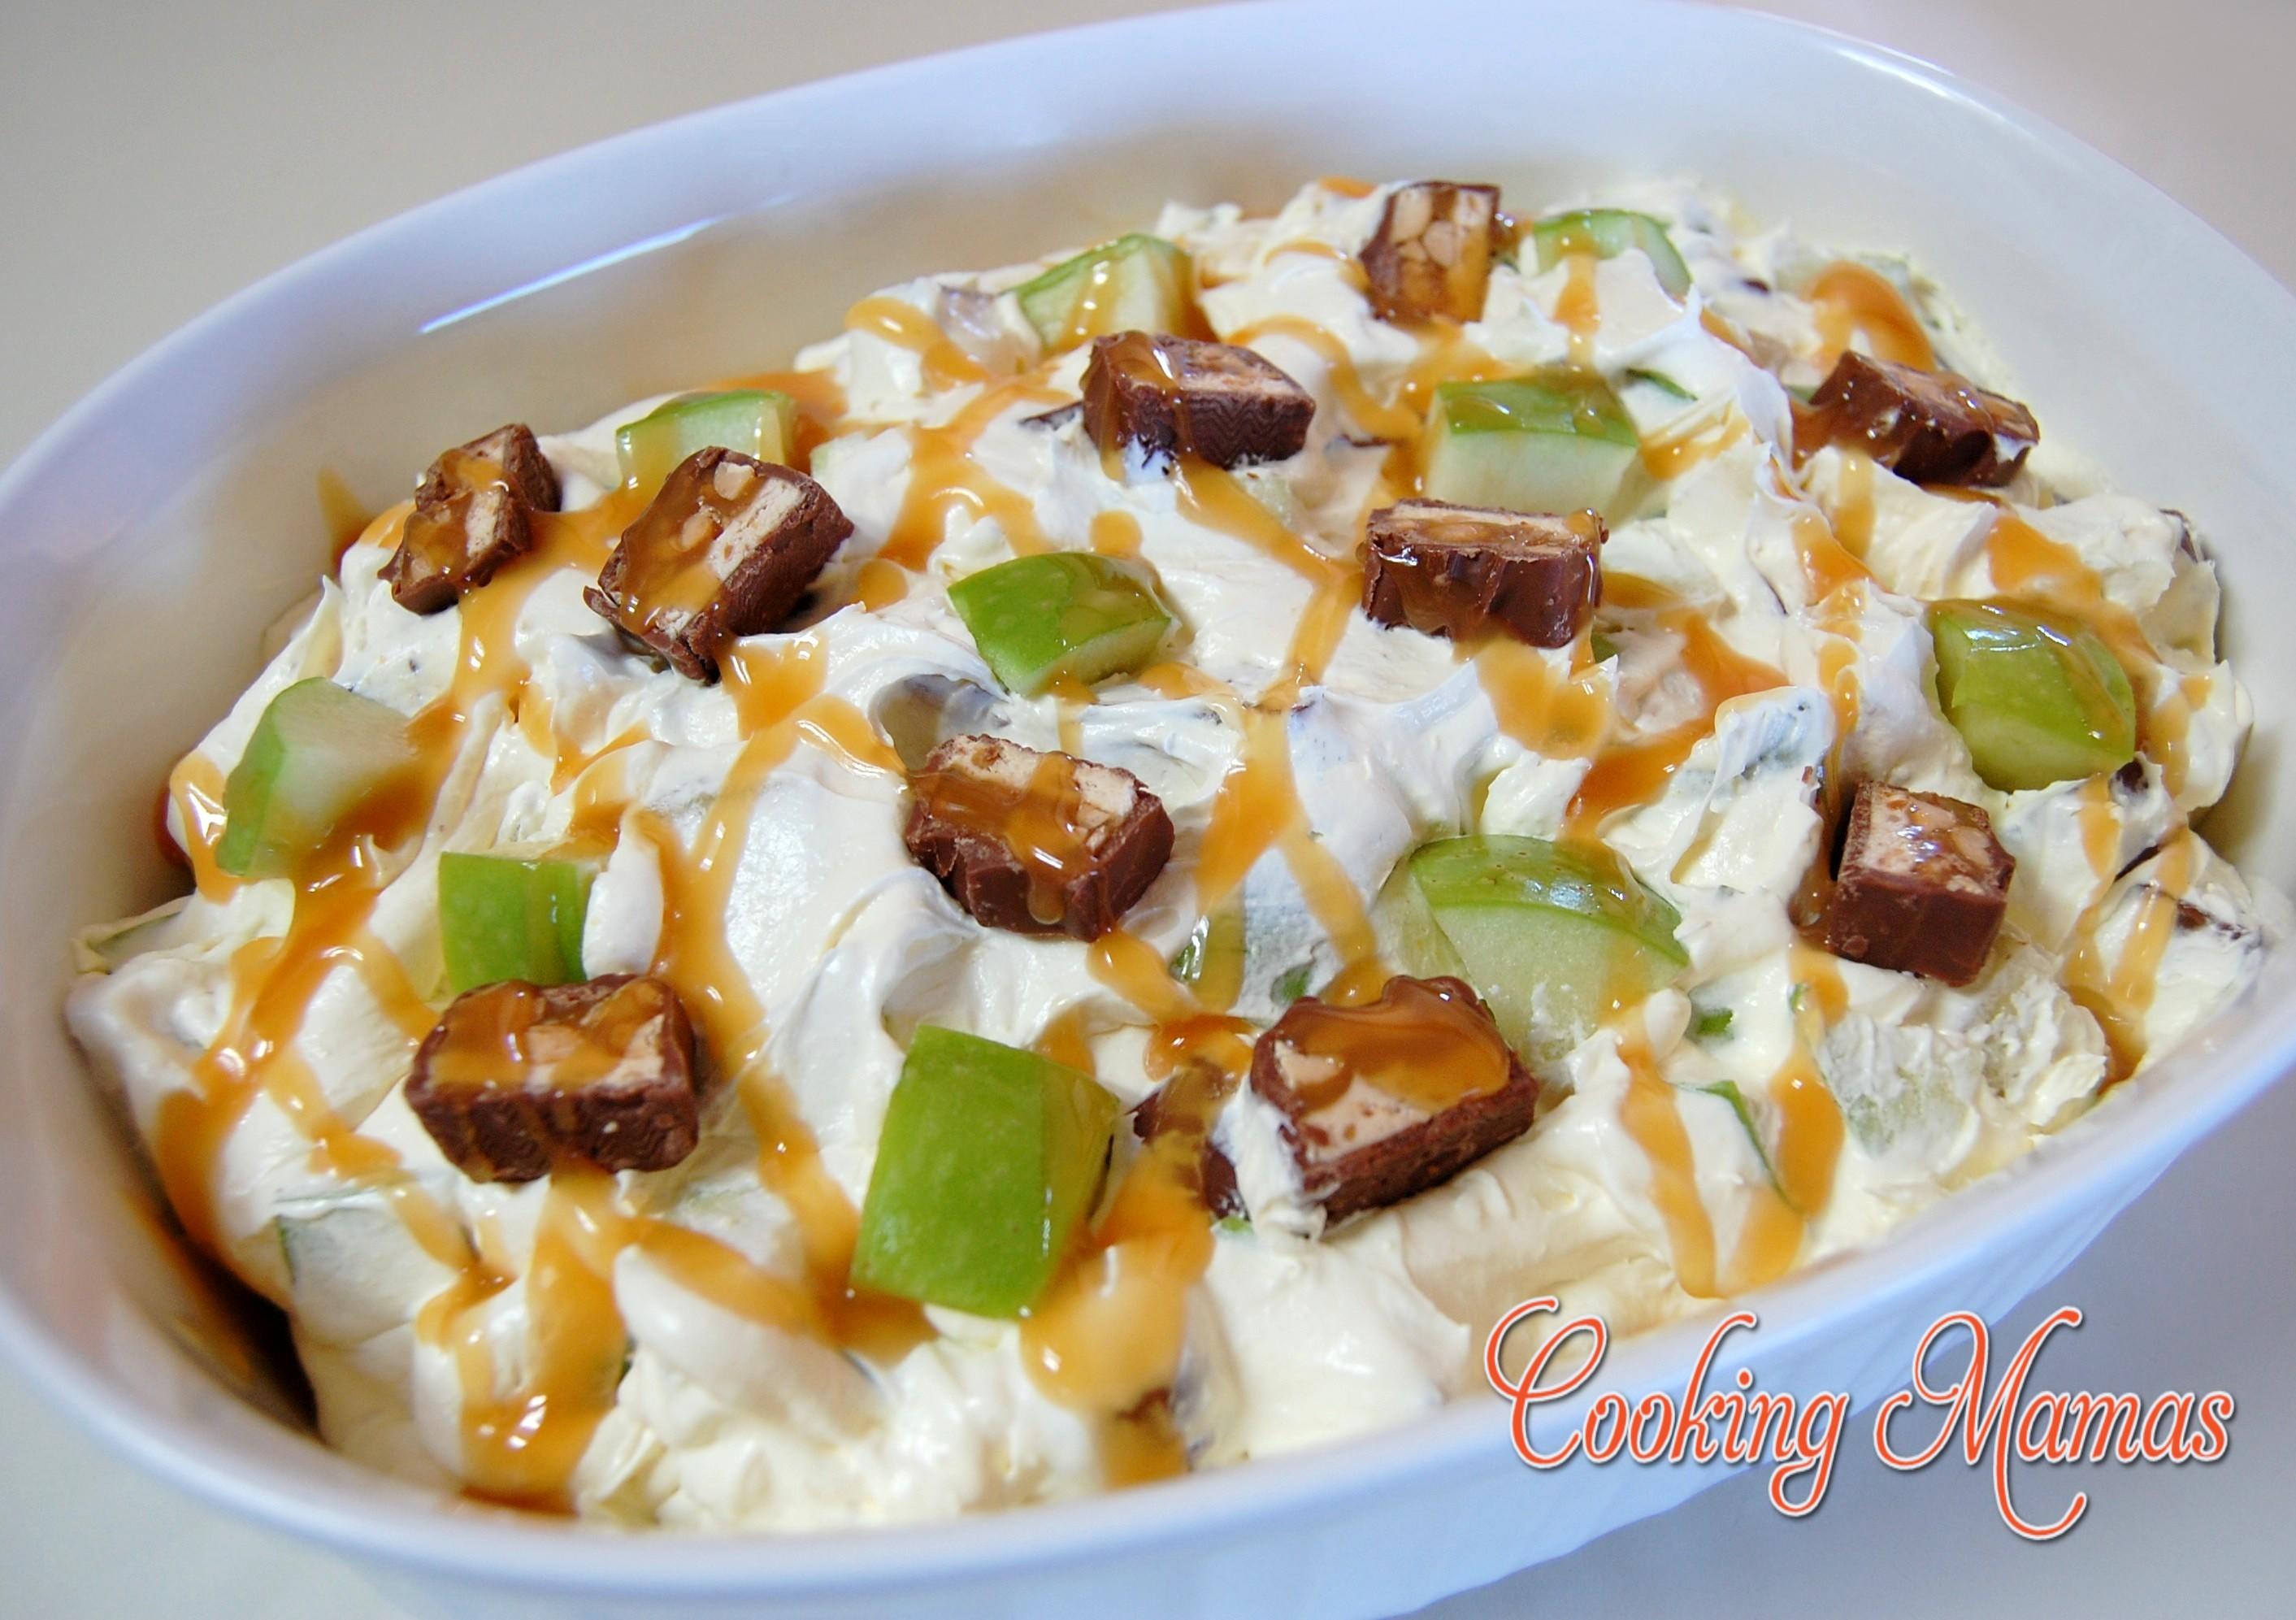 bar salad potluck recipe yummly candy bar salad recipe yummly by brown ...